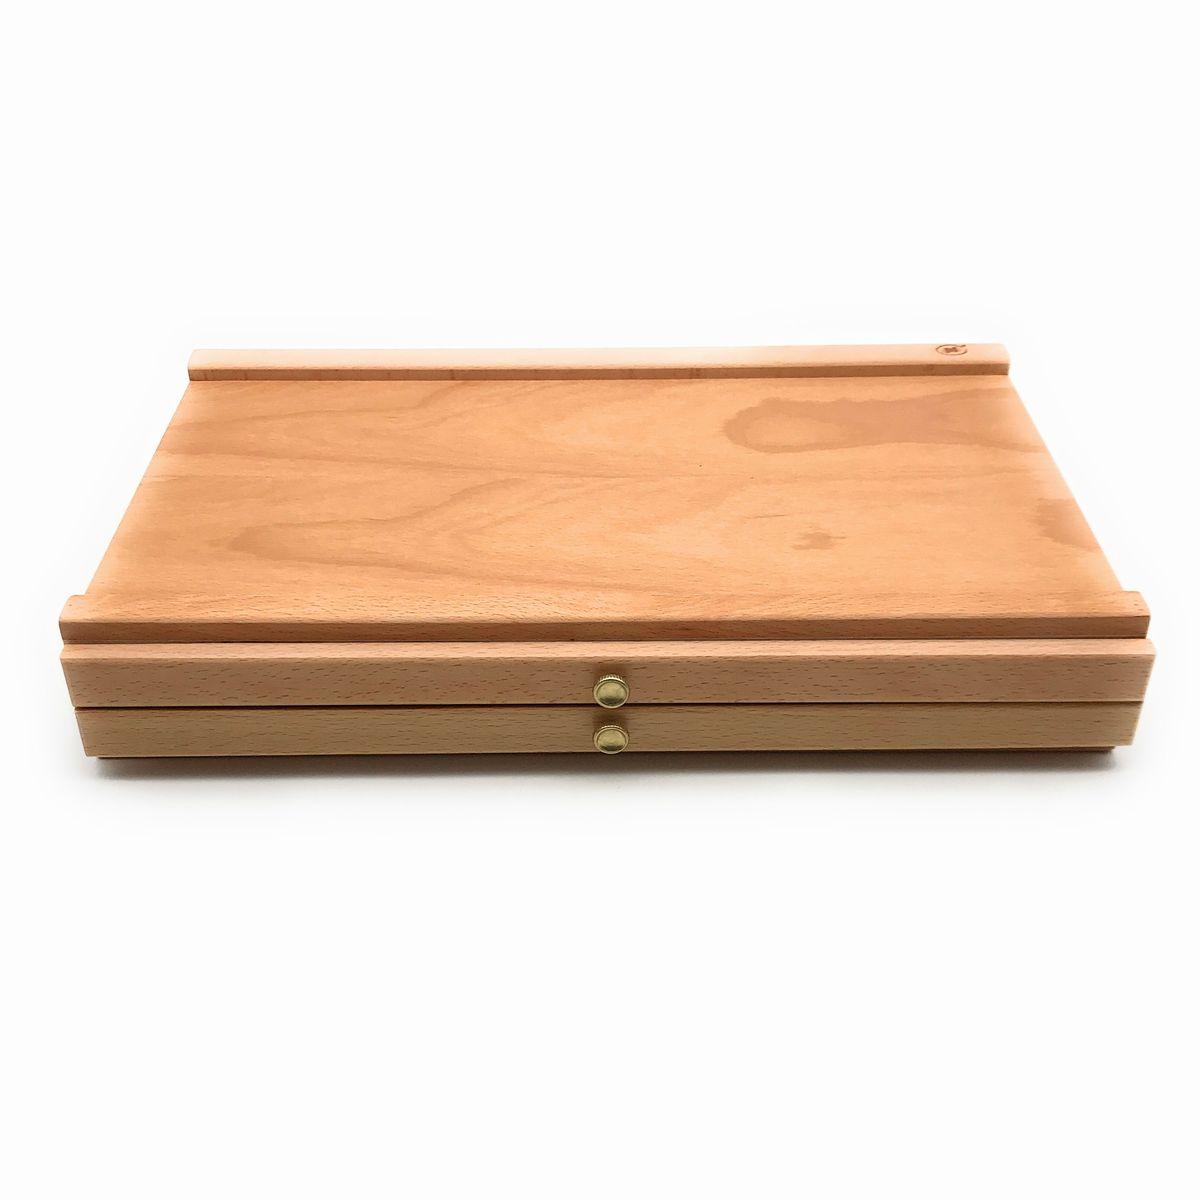 オフィス用品 机上収納 扇形 文房具 おしゃれ 本棚 デスクトレー 組立式 マガジンファイル 書類整理 A4サイズ 木製 仕切り 2カラー ファイルラック 横置き